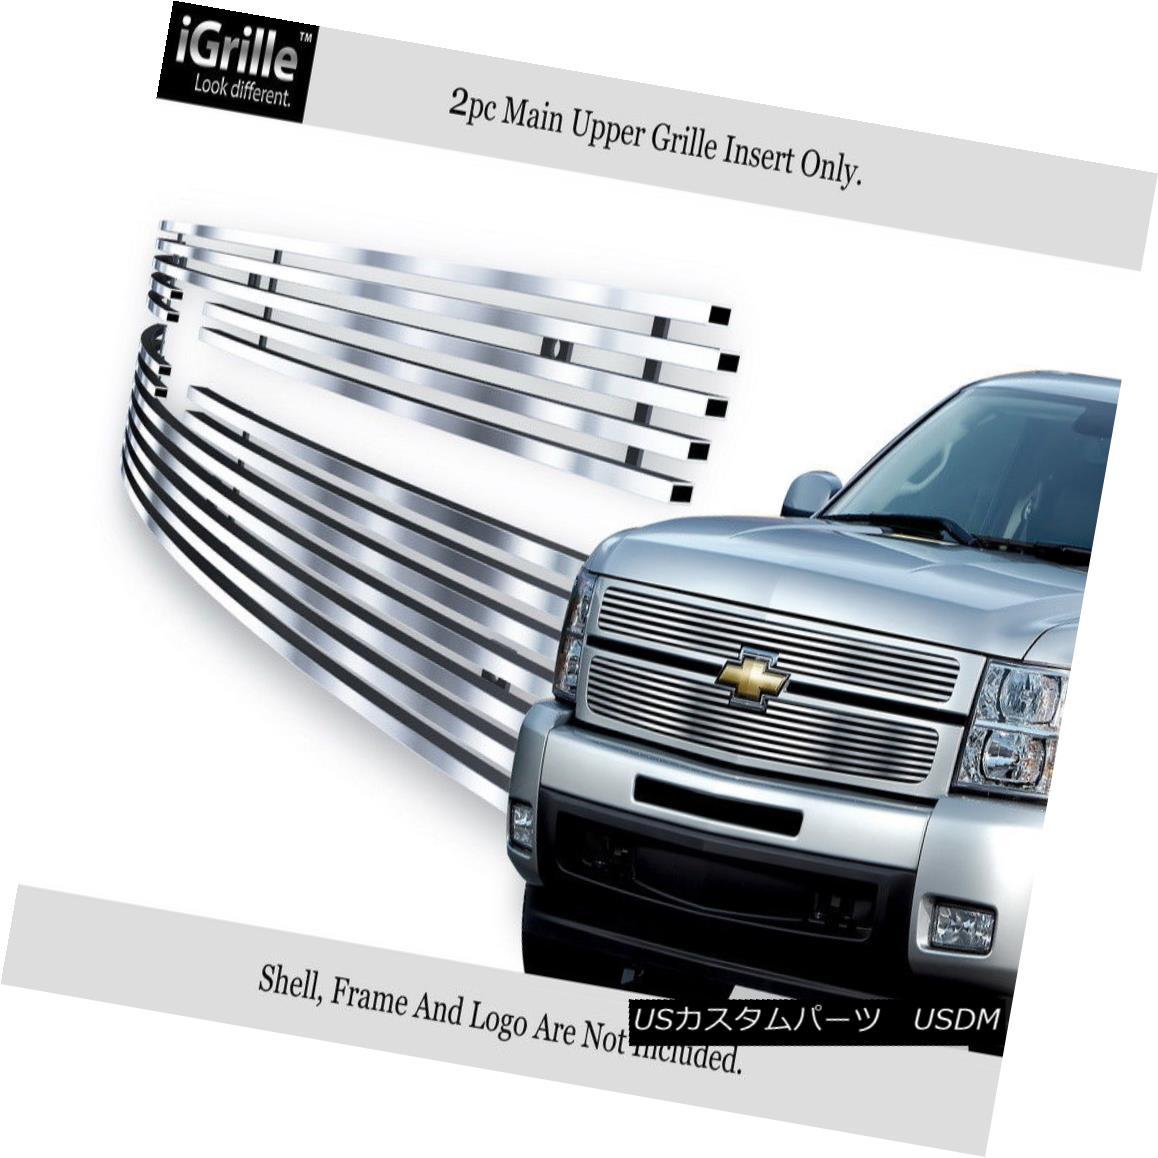 グリル 304 Stainless Steel Billet Grille Fits 2007-2013 Chevy Silverado 1500 304ステンレス鋼のビレットのグリルが2007-2013 Chevy Silverado 1500に適合